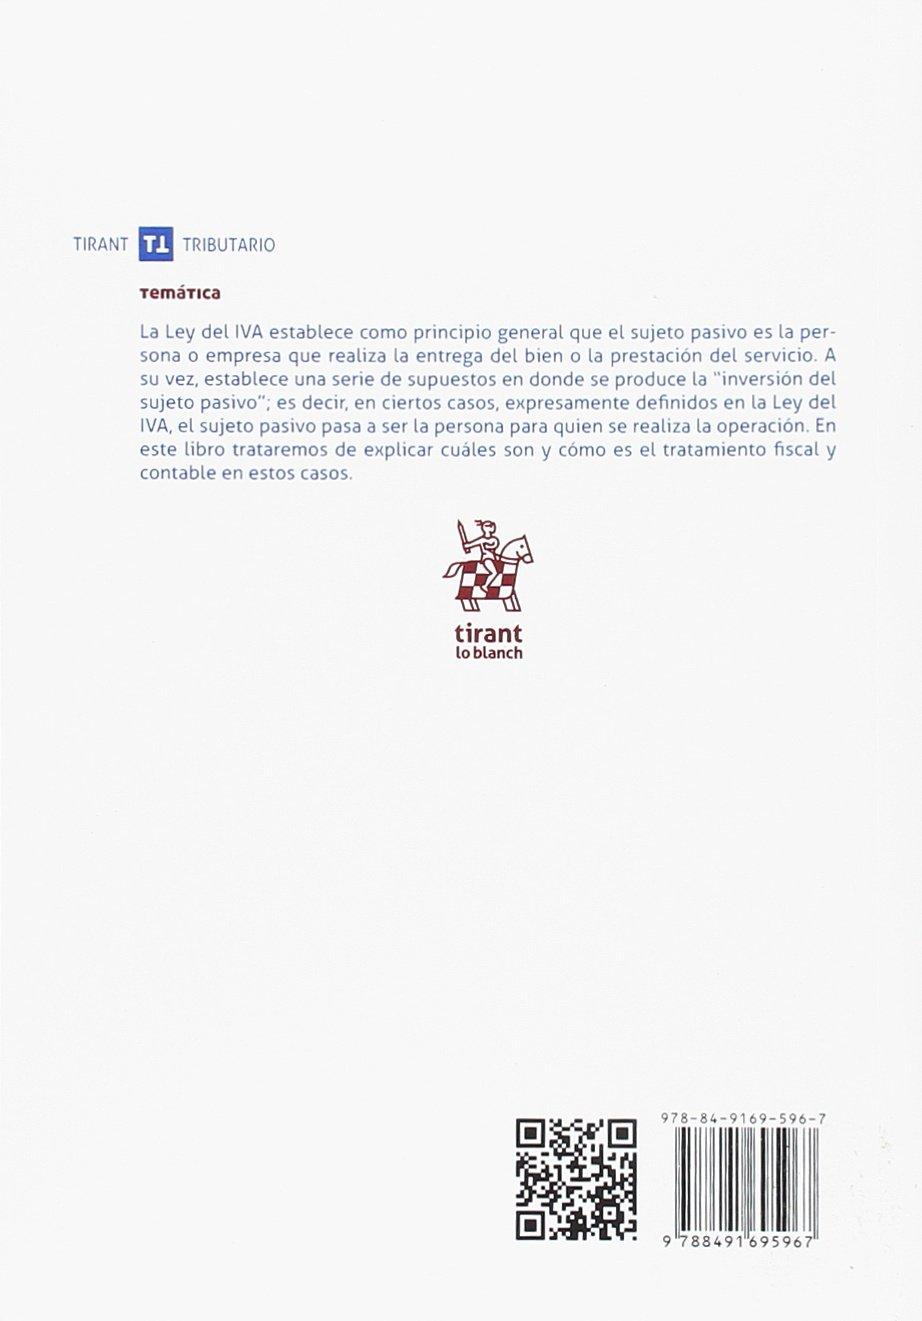 La inversión del sujeto pasivo en el IVA Temática Tirant Tributario: Amazon.es: Juan Antonio Bernabeu Pérez: Libros